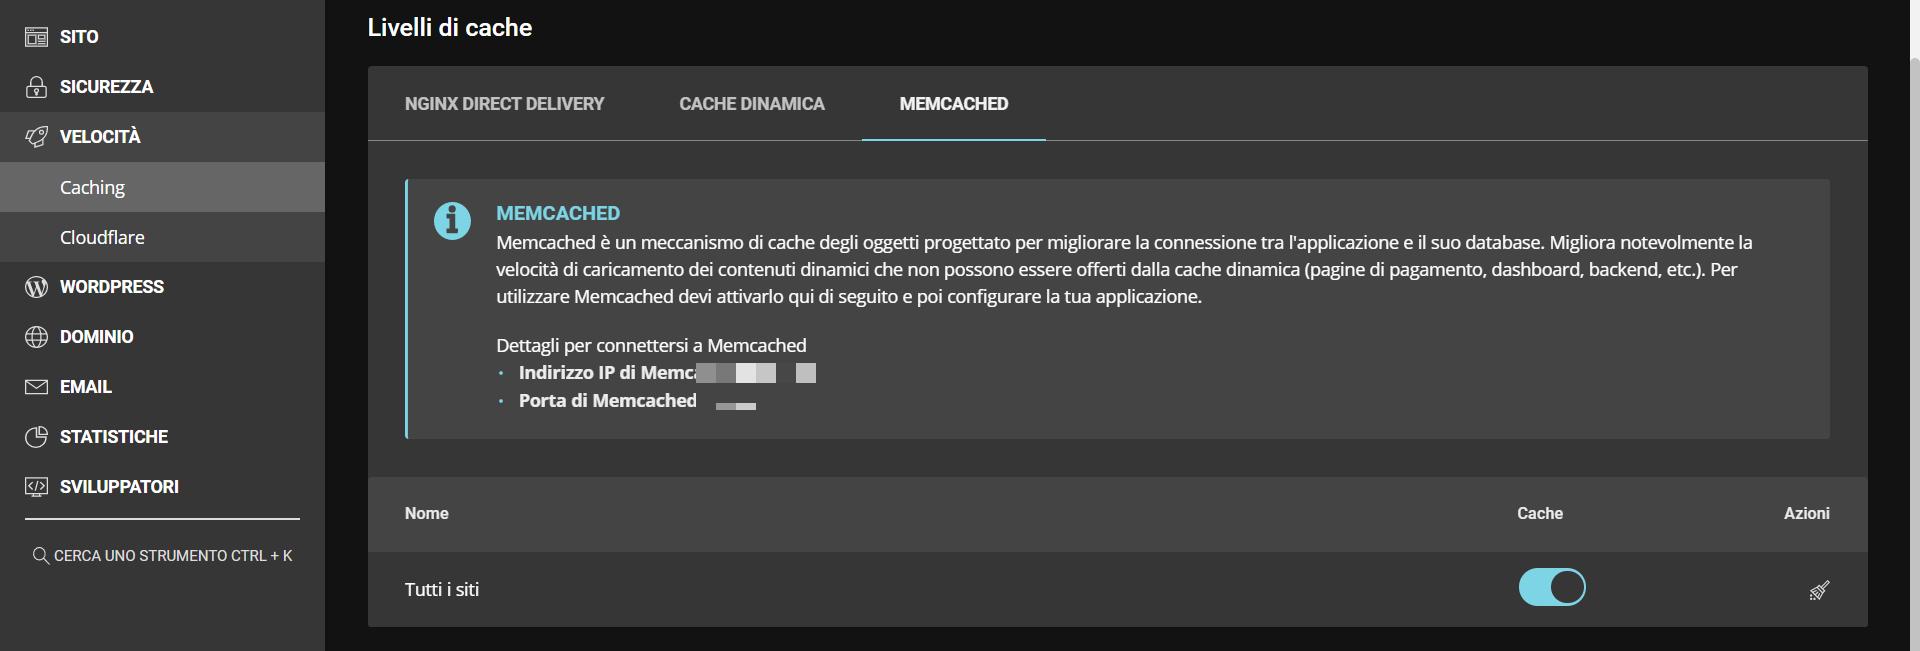 impostazioni siteground per la cache step 2